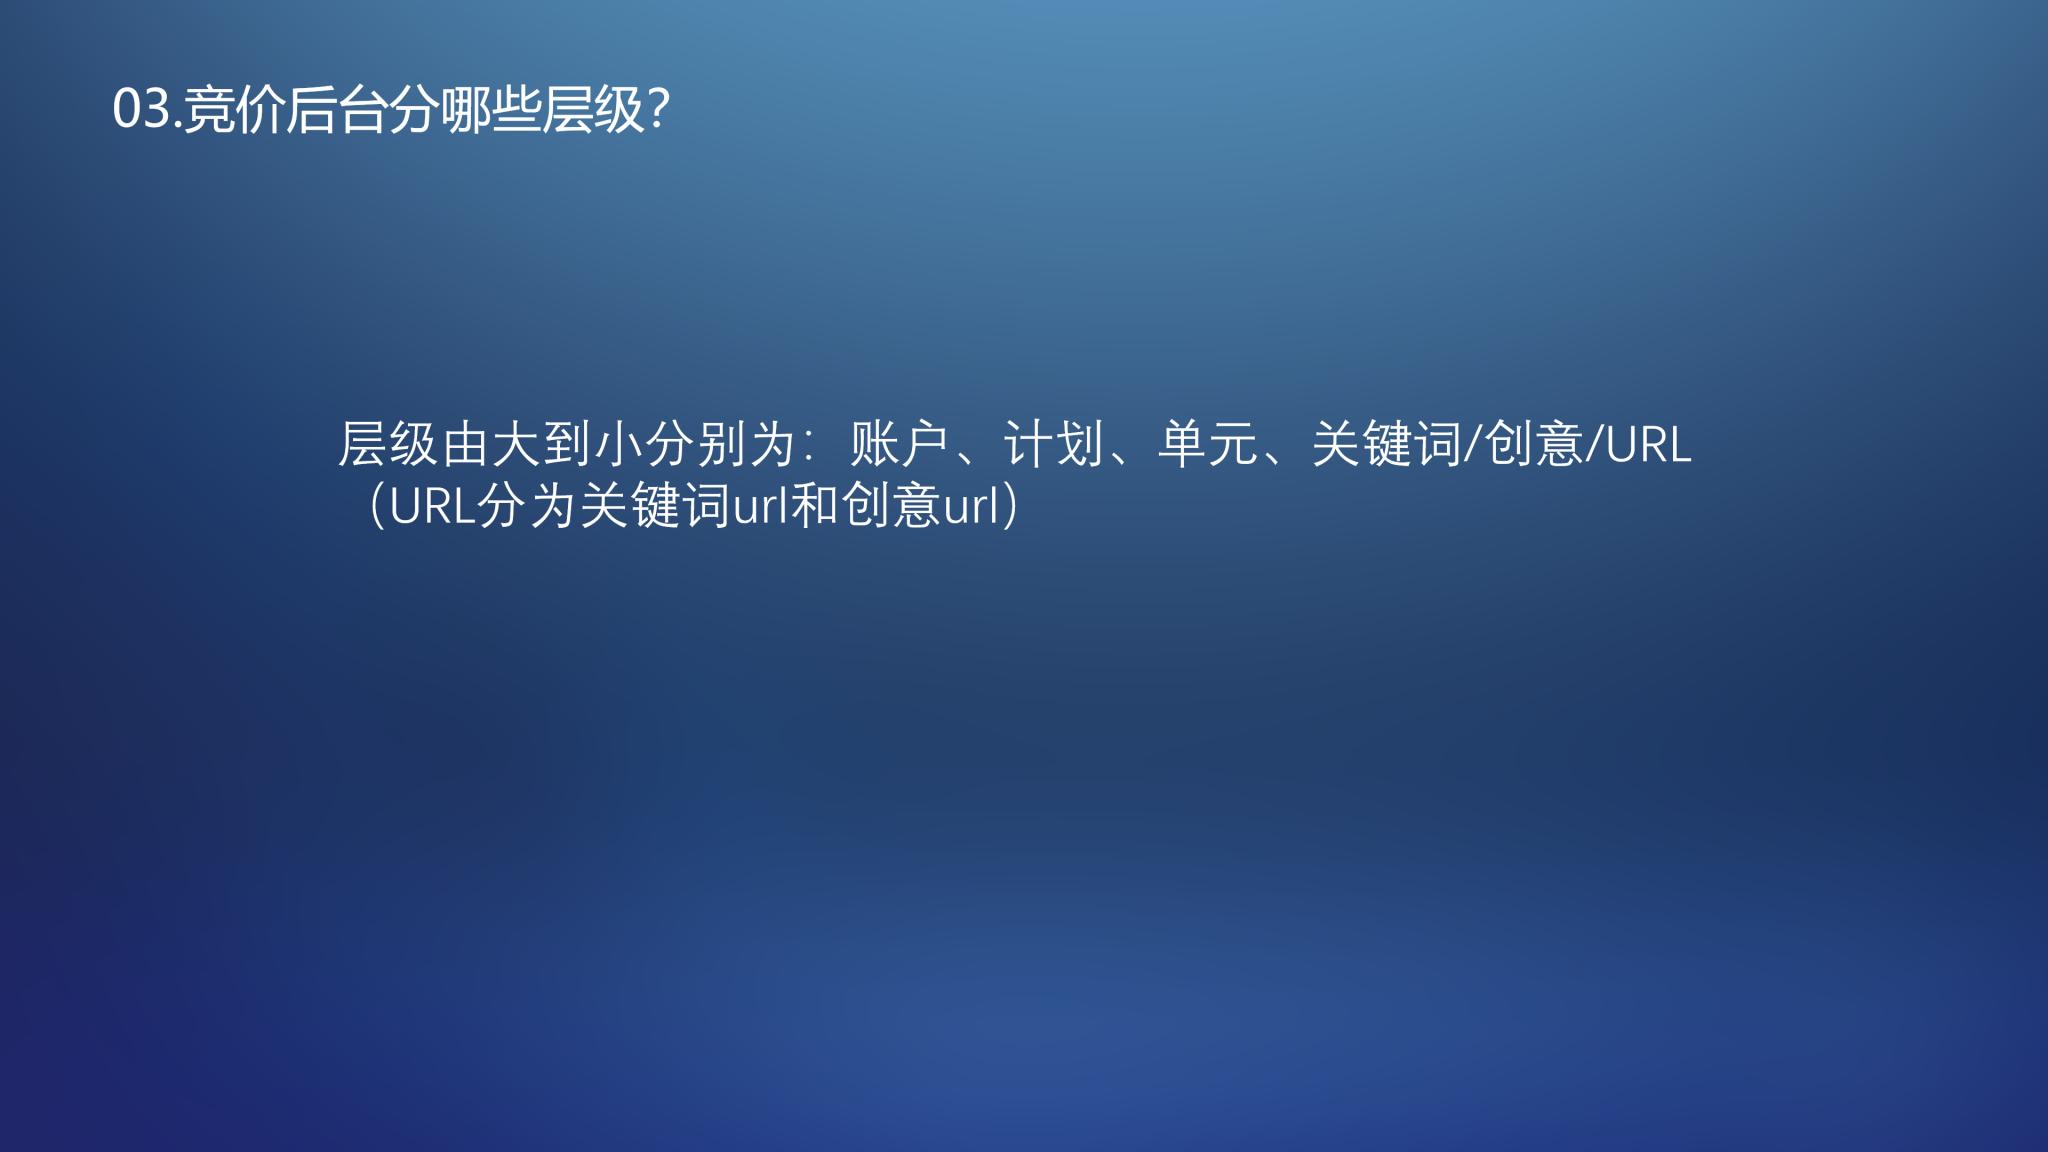 图片12_看图王.png